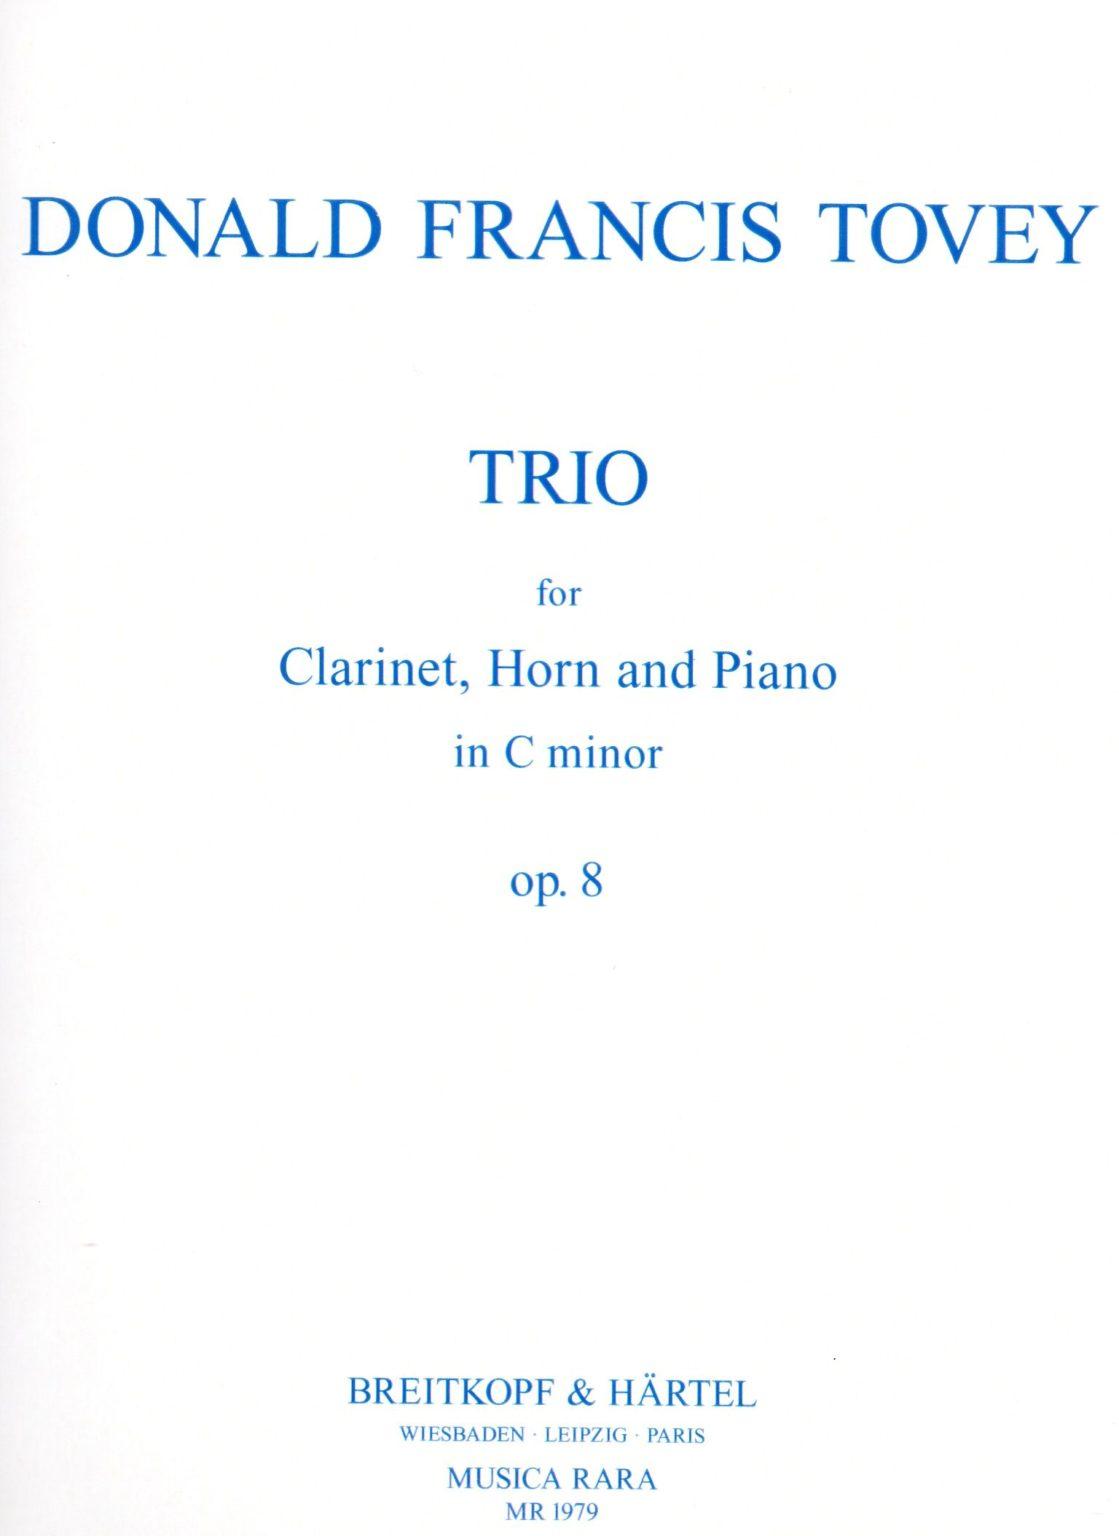 Trioop.8para clarinete, trompa y piano. DonaldFrancis Tovey